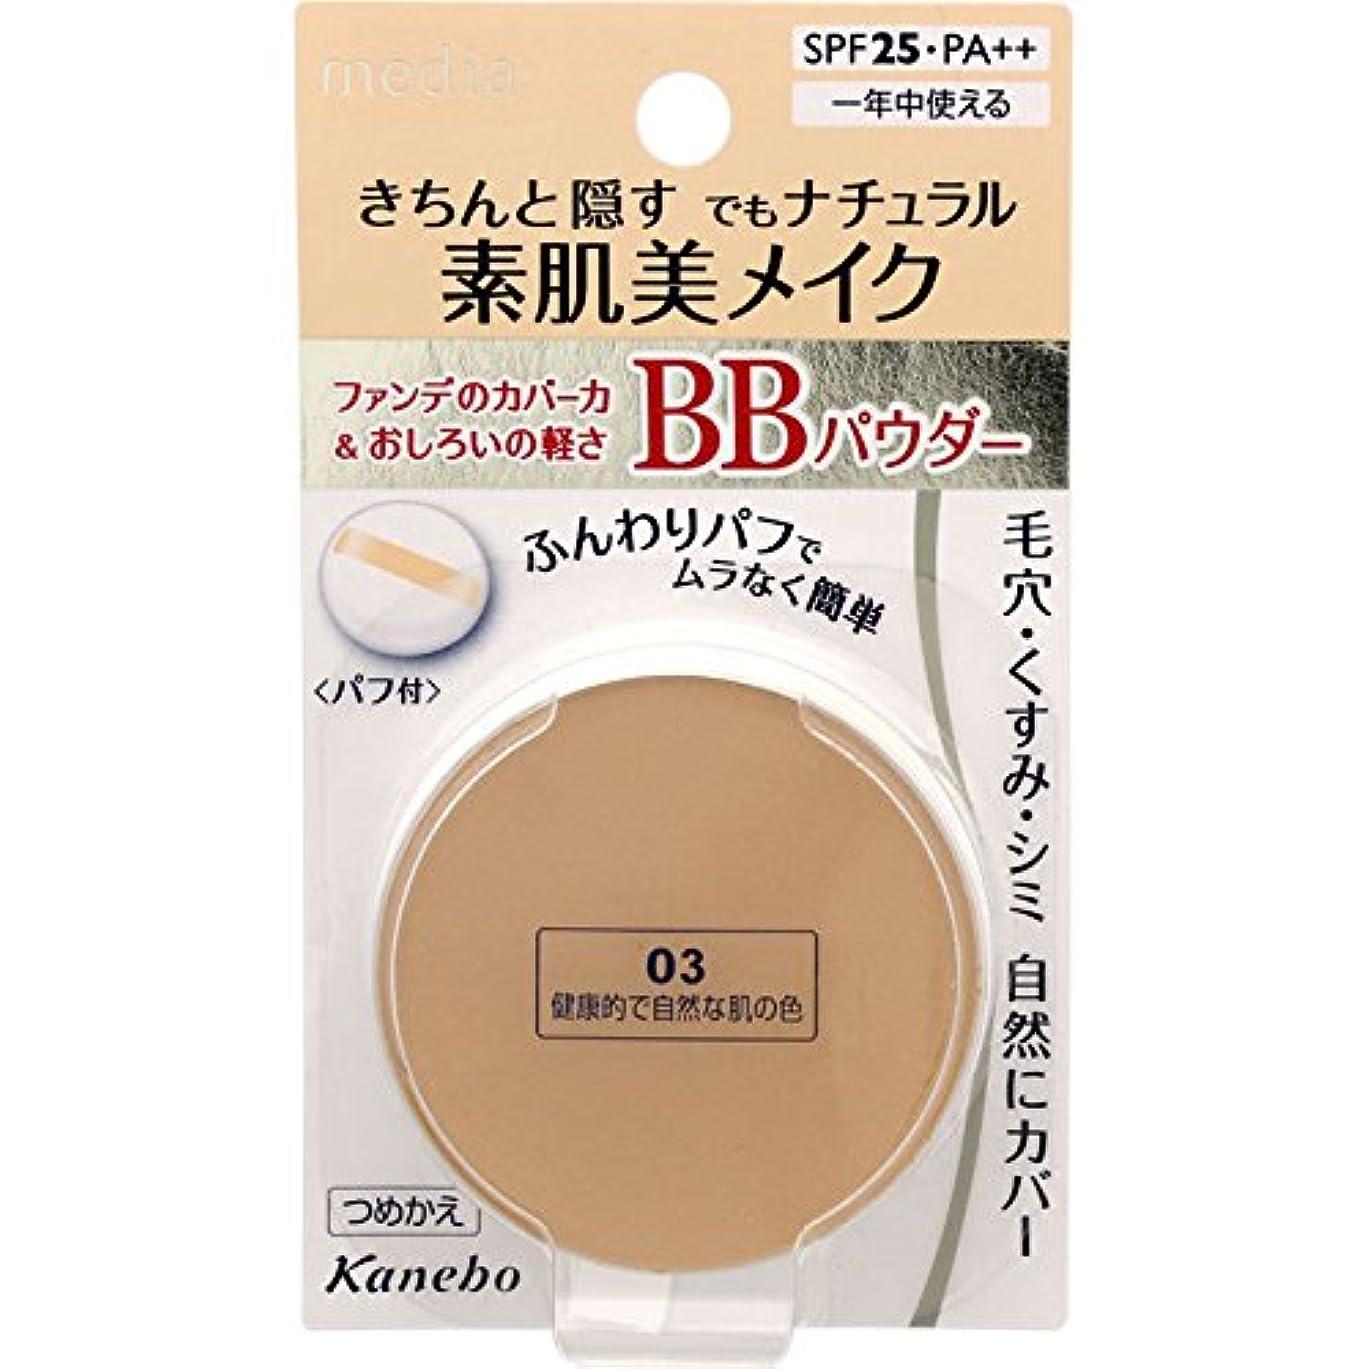 こするスチール晴れメディアBBパウダー03(健康的で自然な肌の色)×4